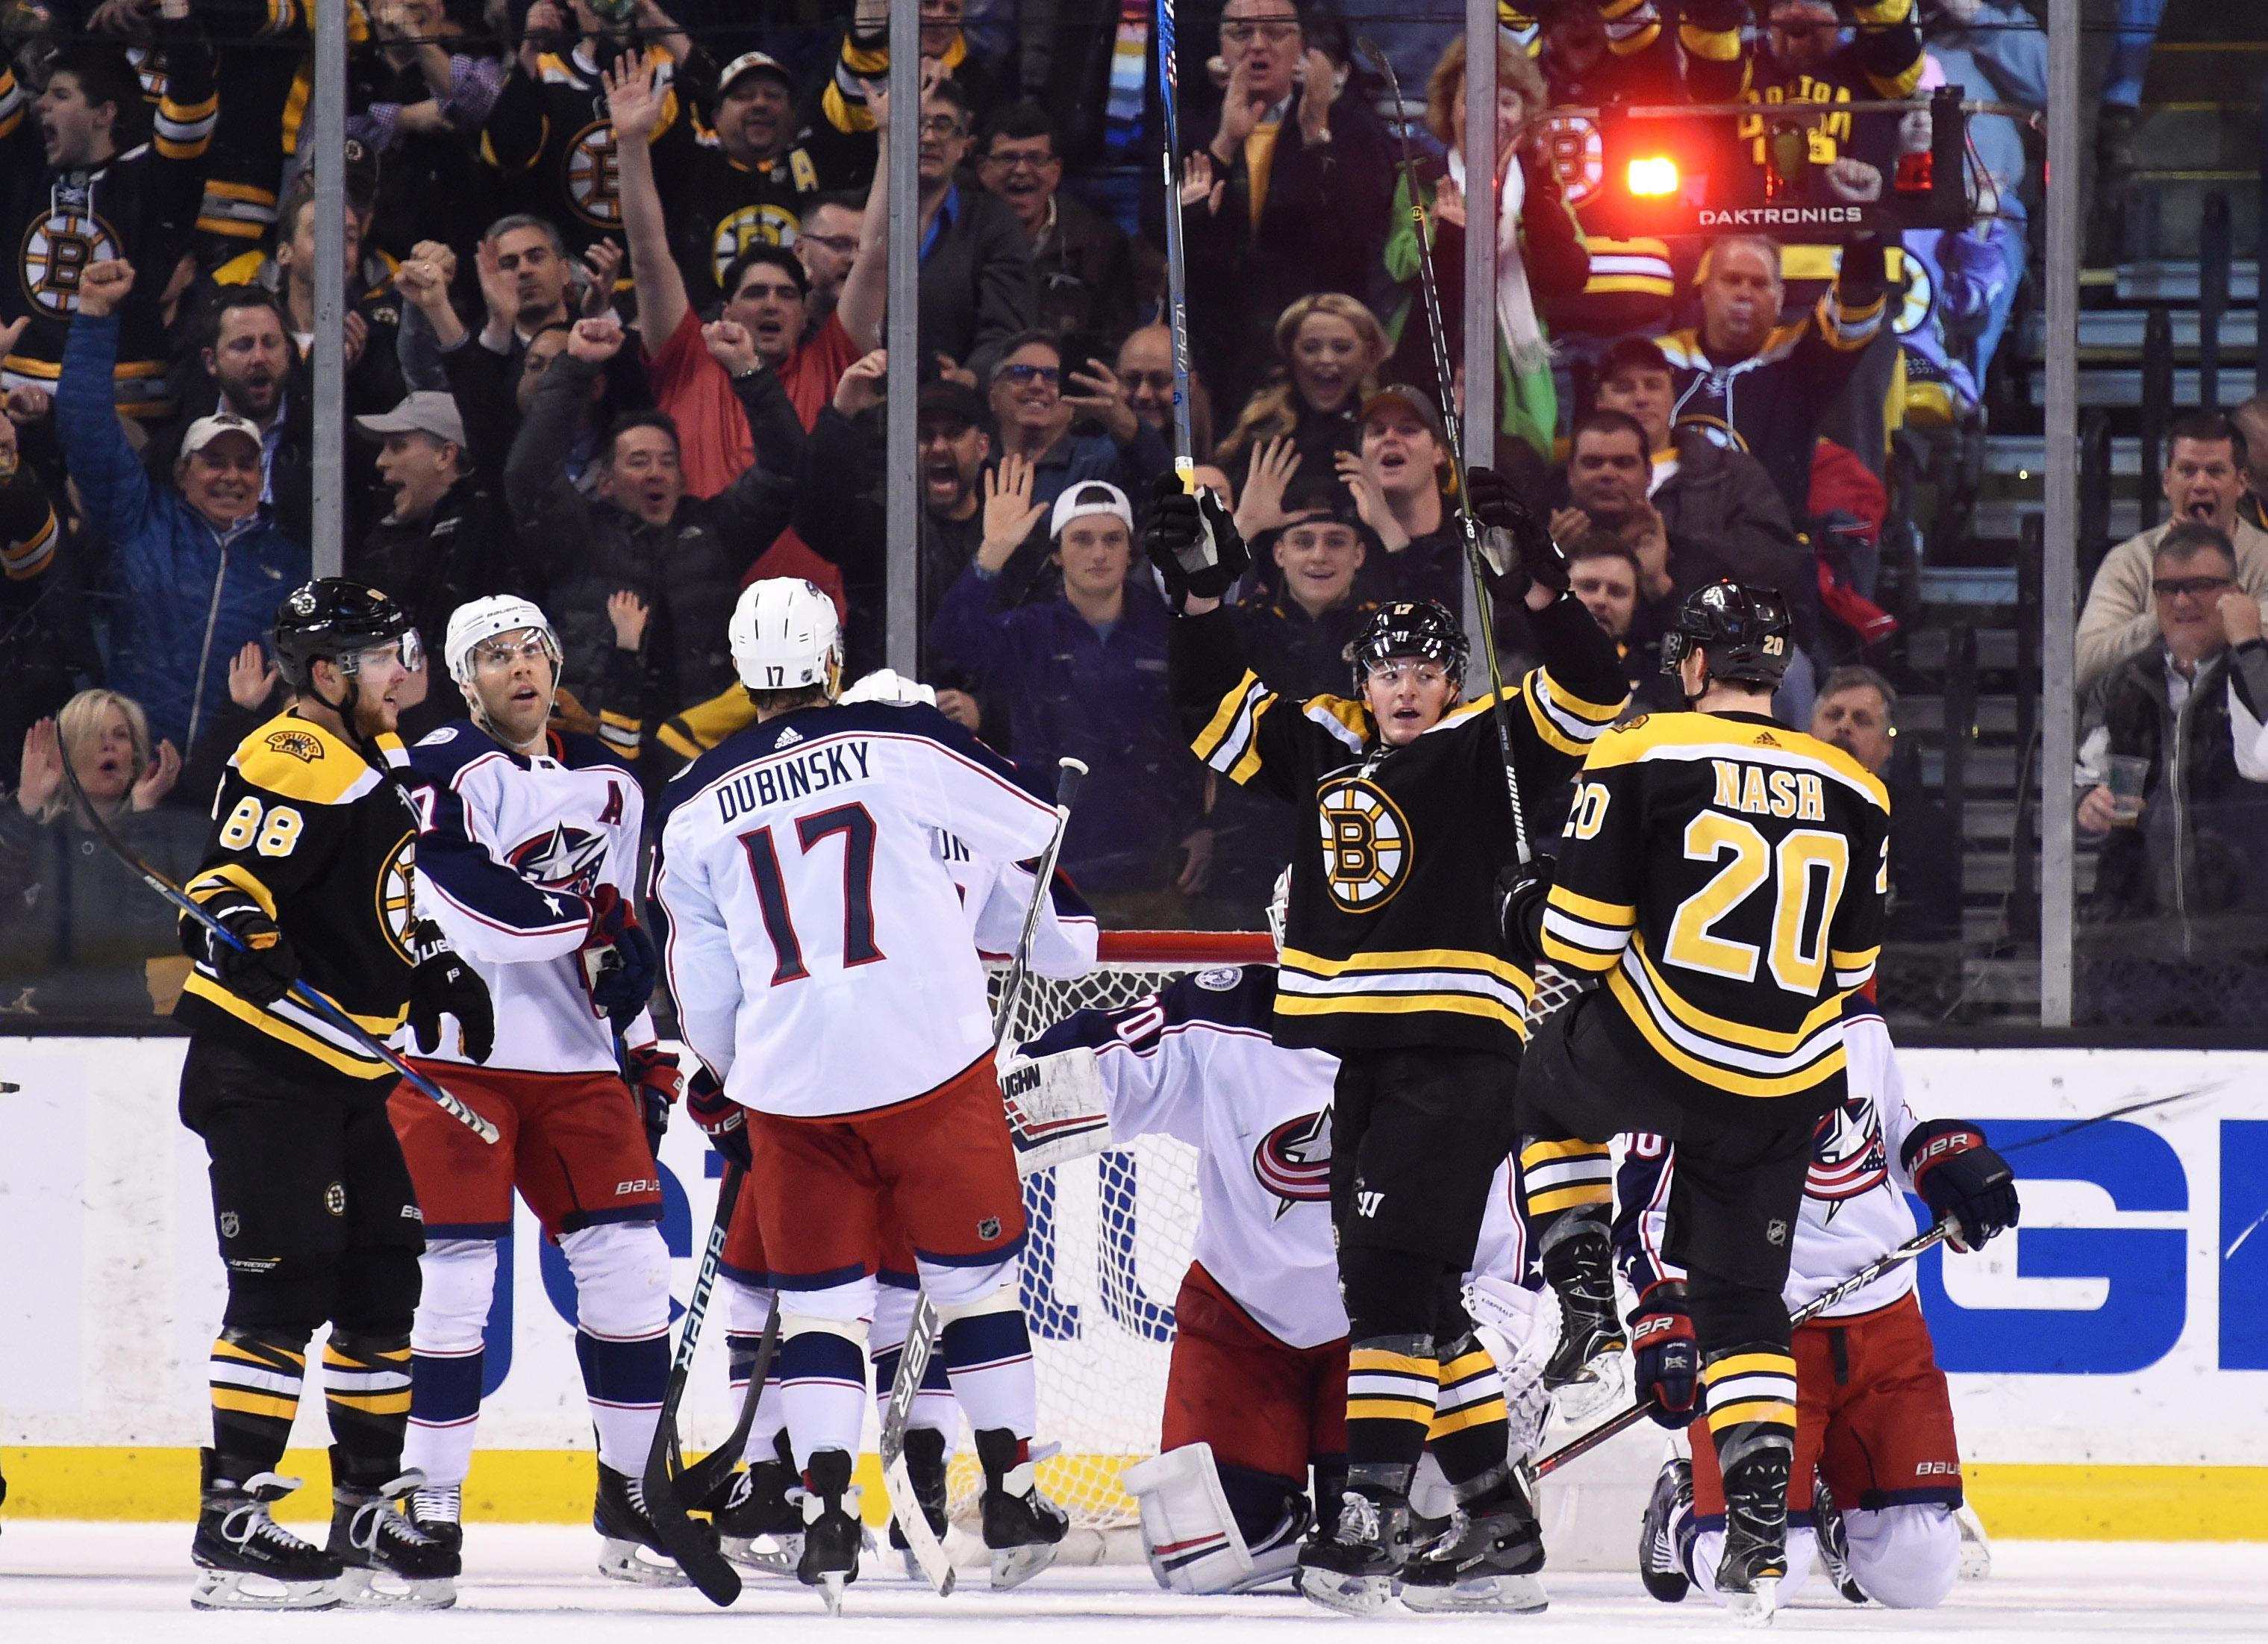 NHL: Columbus Blue Jackets at Boston Bruins